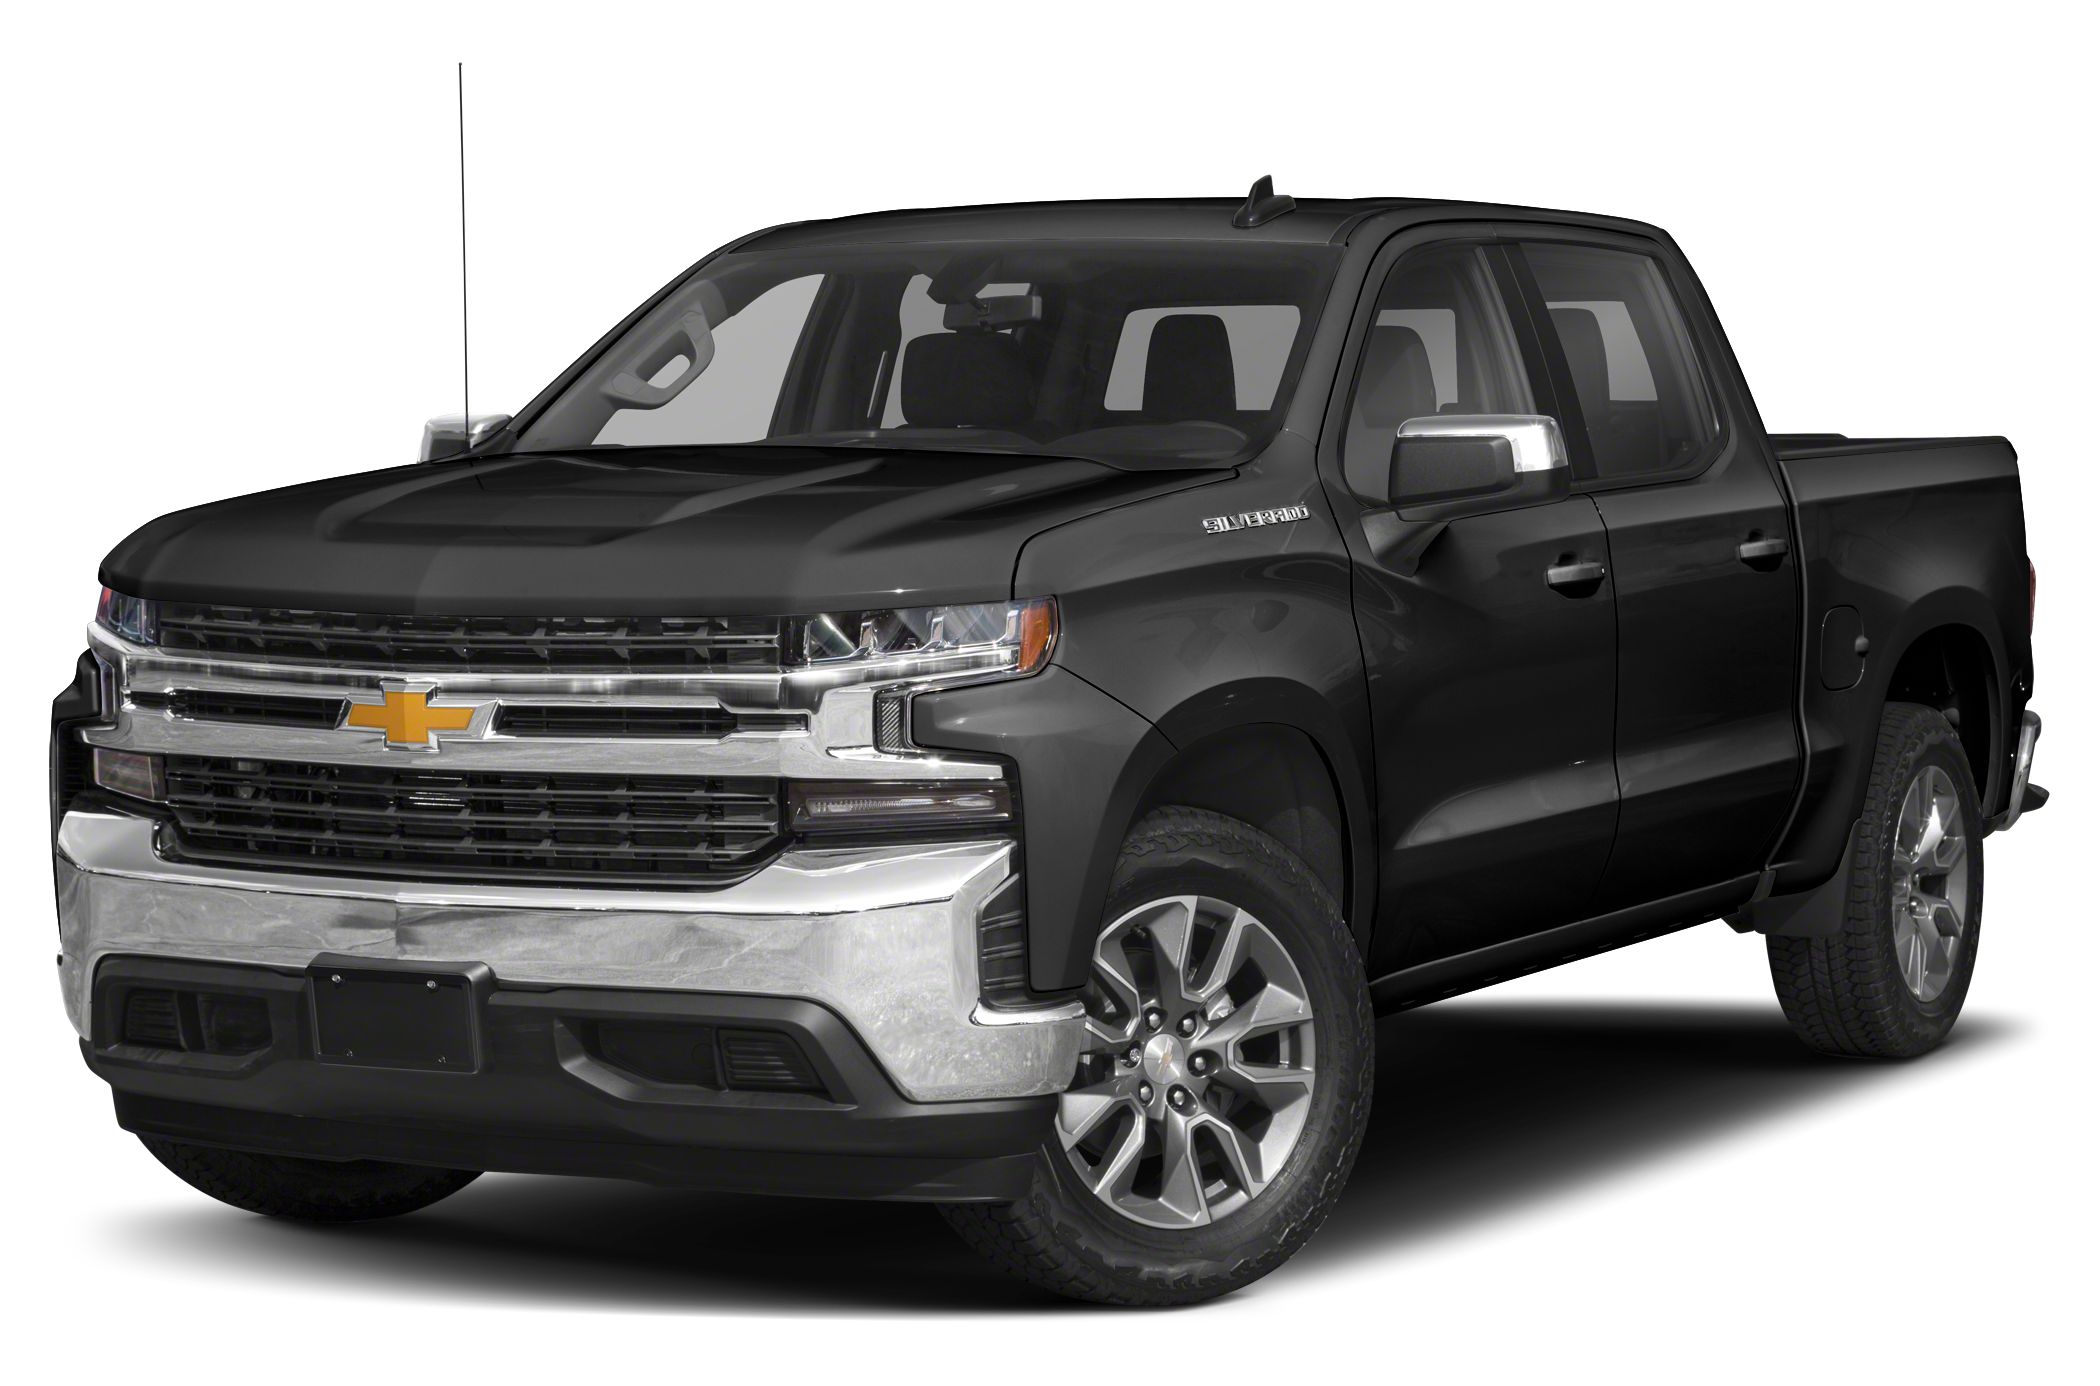 Compare Chevrolet/Silverado-1500 to Ford/F-150